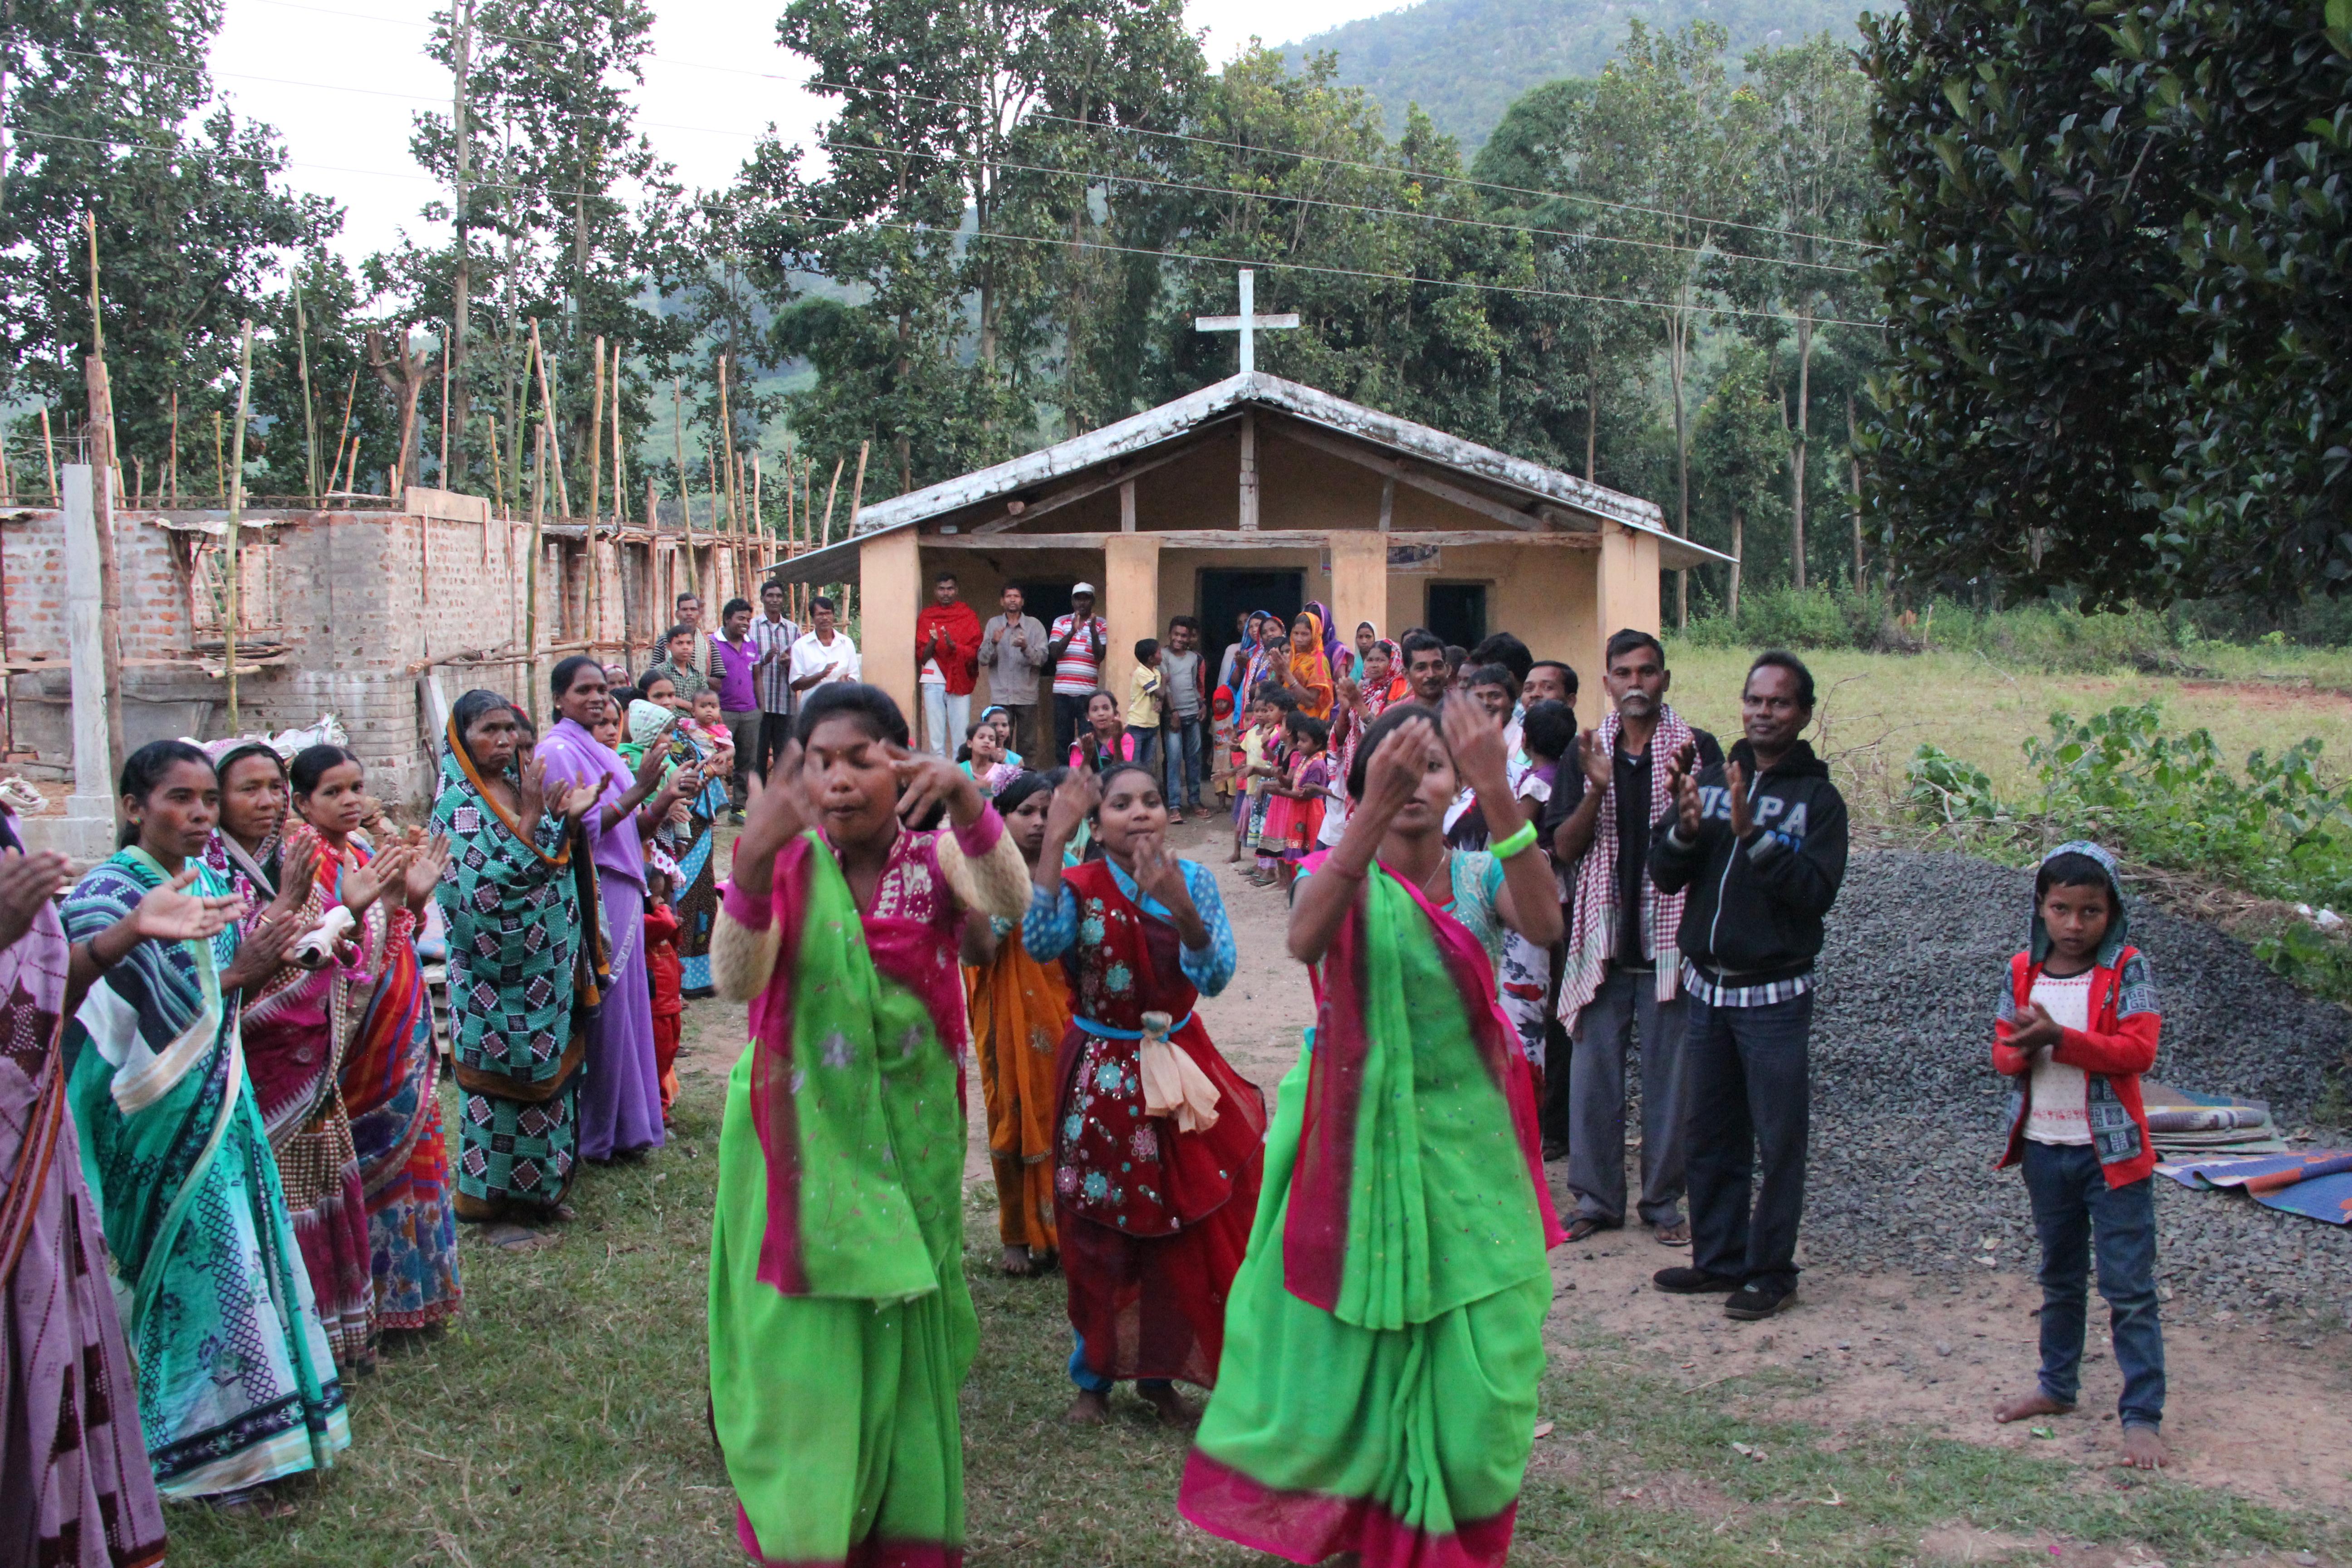 La Iglesia en India: una luz que todos pueden ver